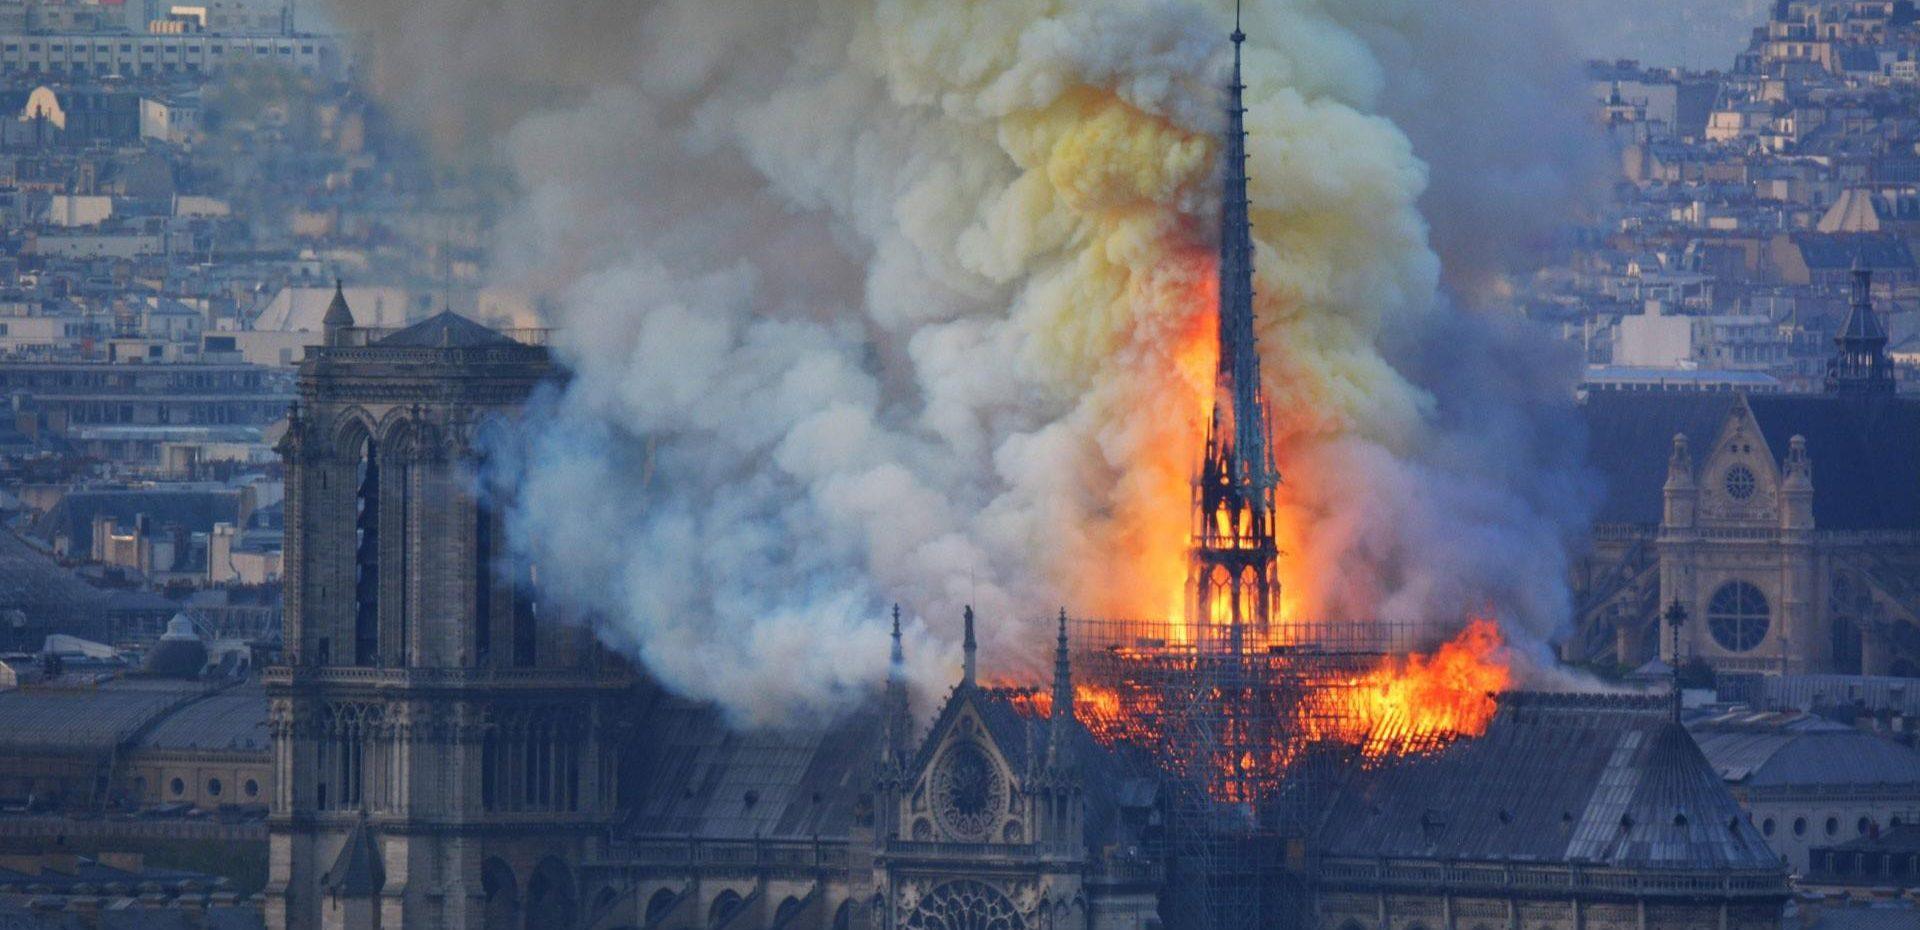 آتشسوزی کلیسای نوتردام